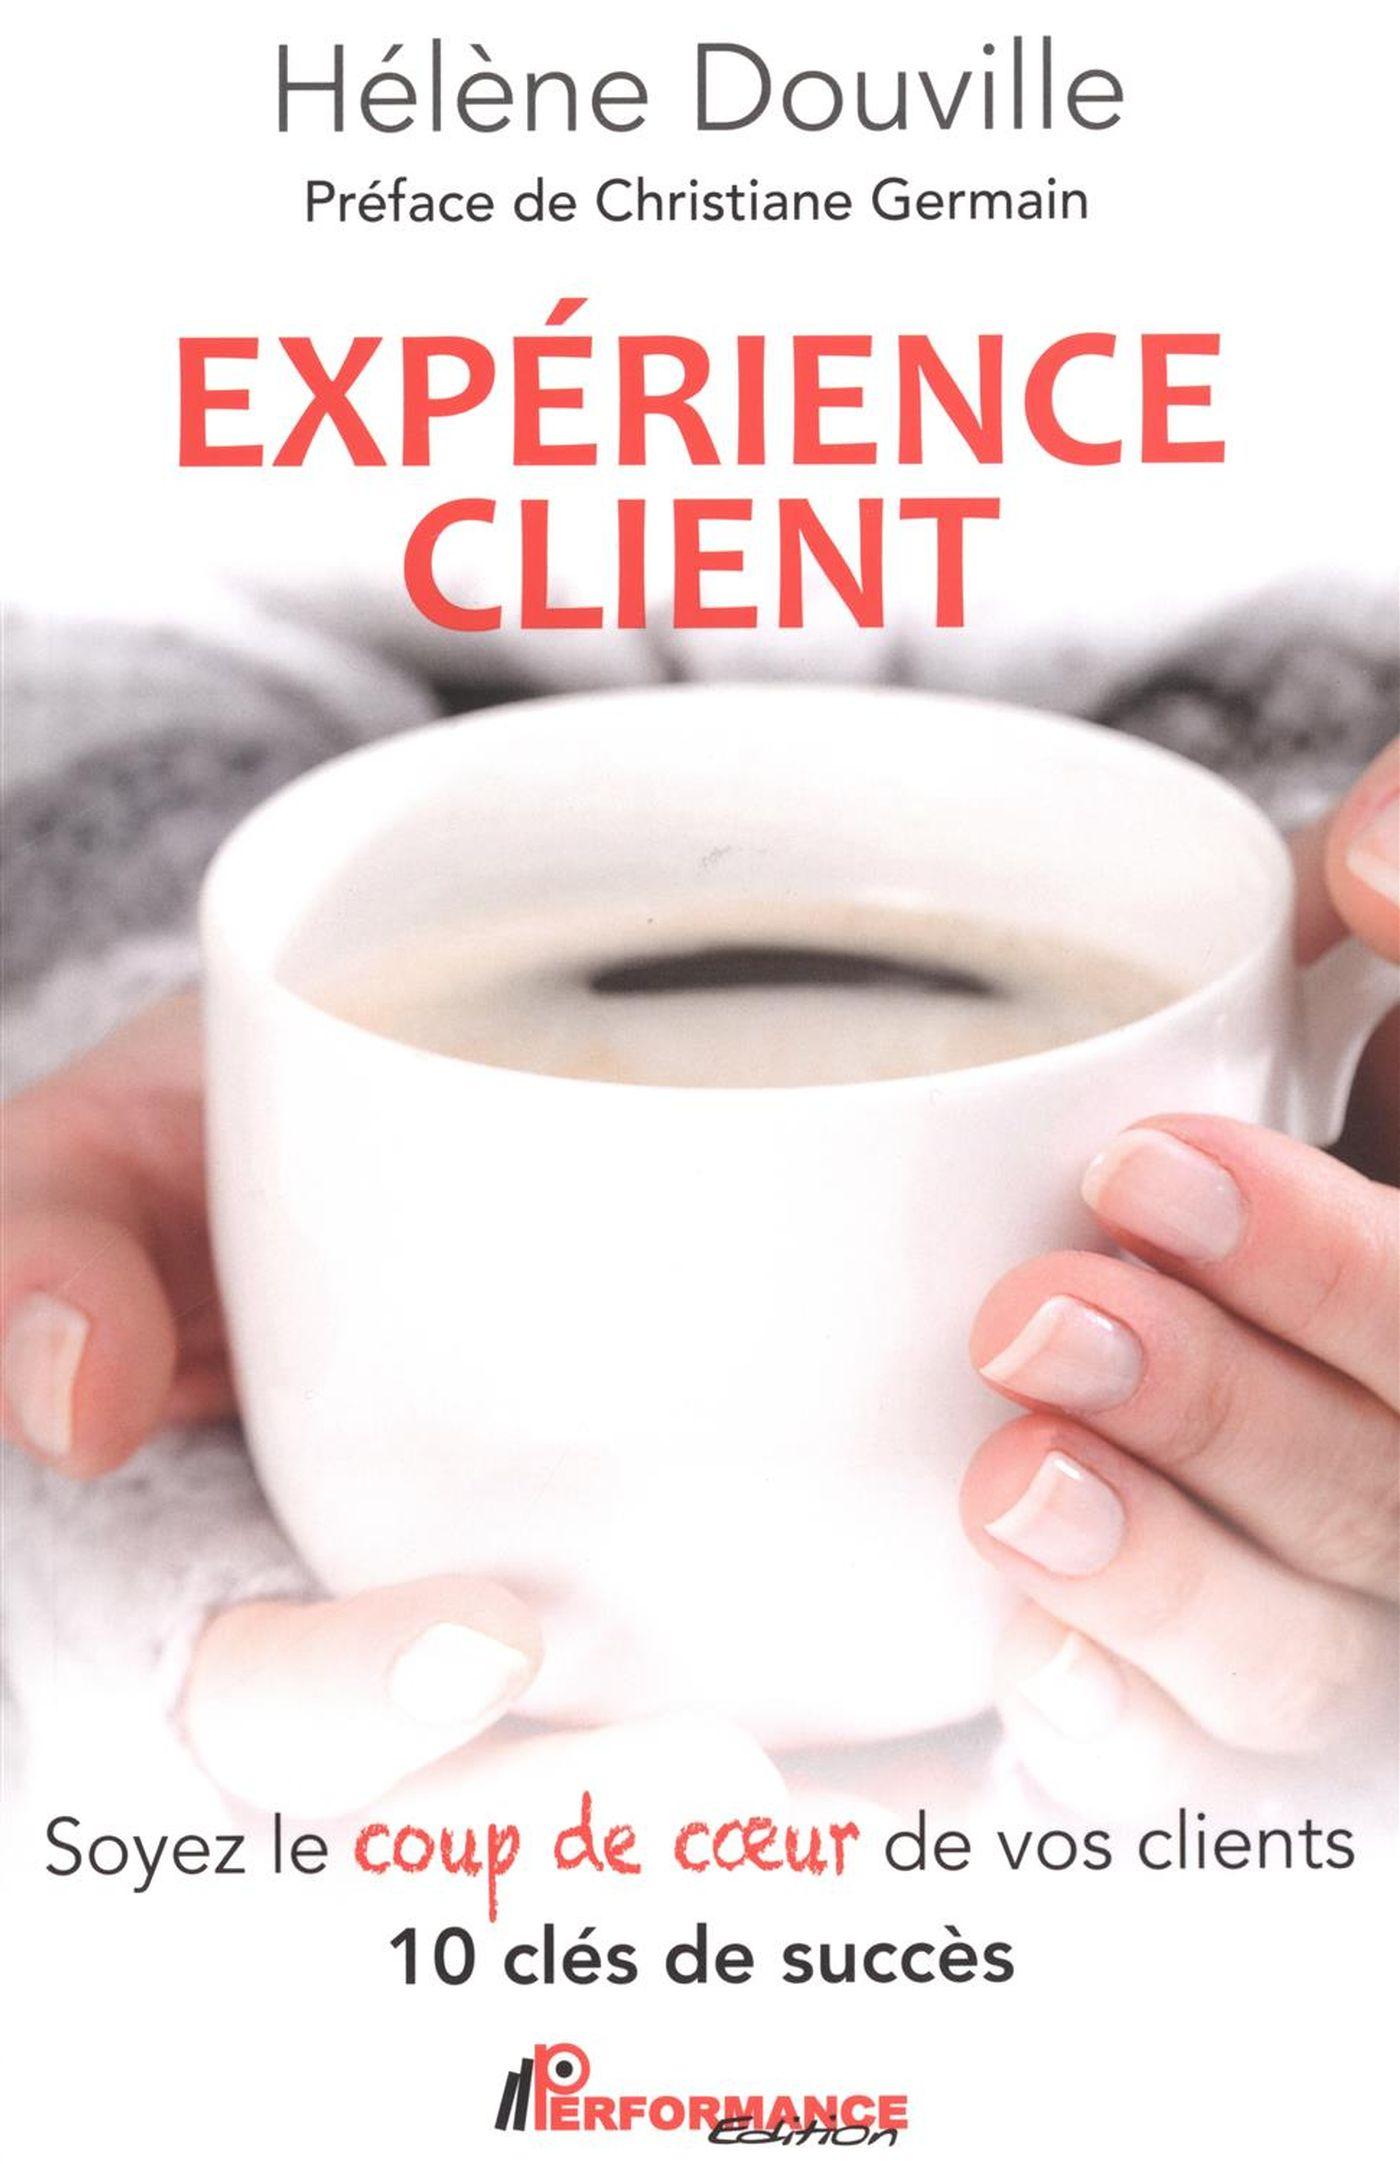 Expérience client : Soyez le coup de coeur de vos clients